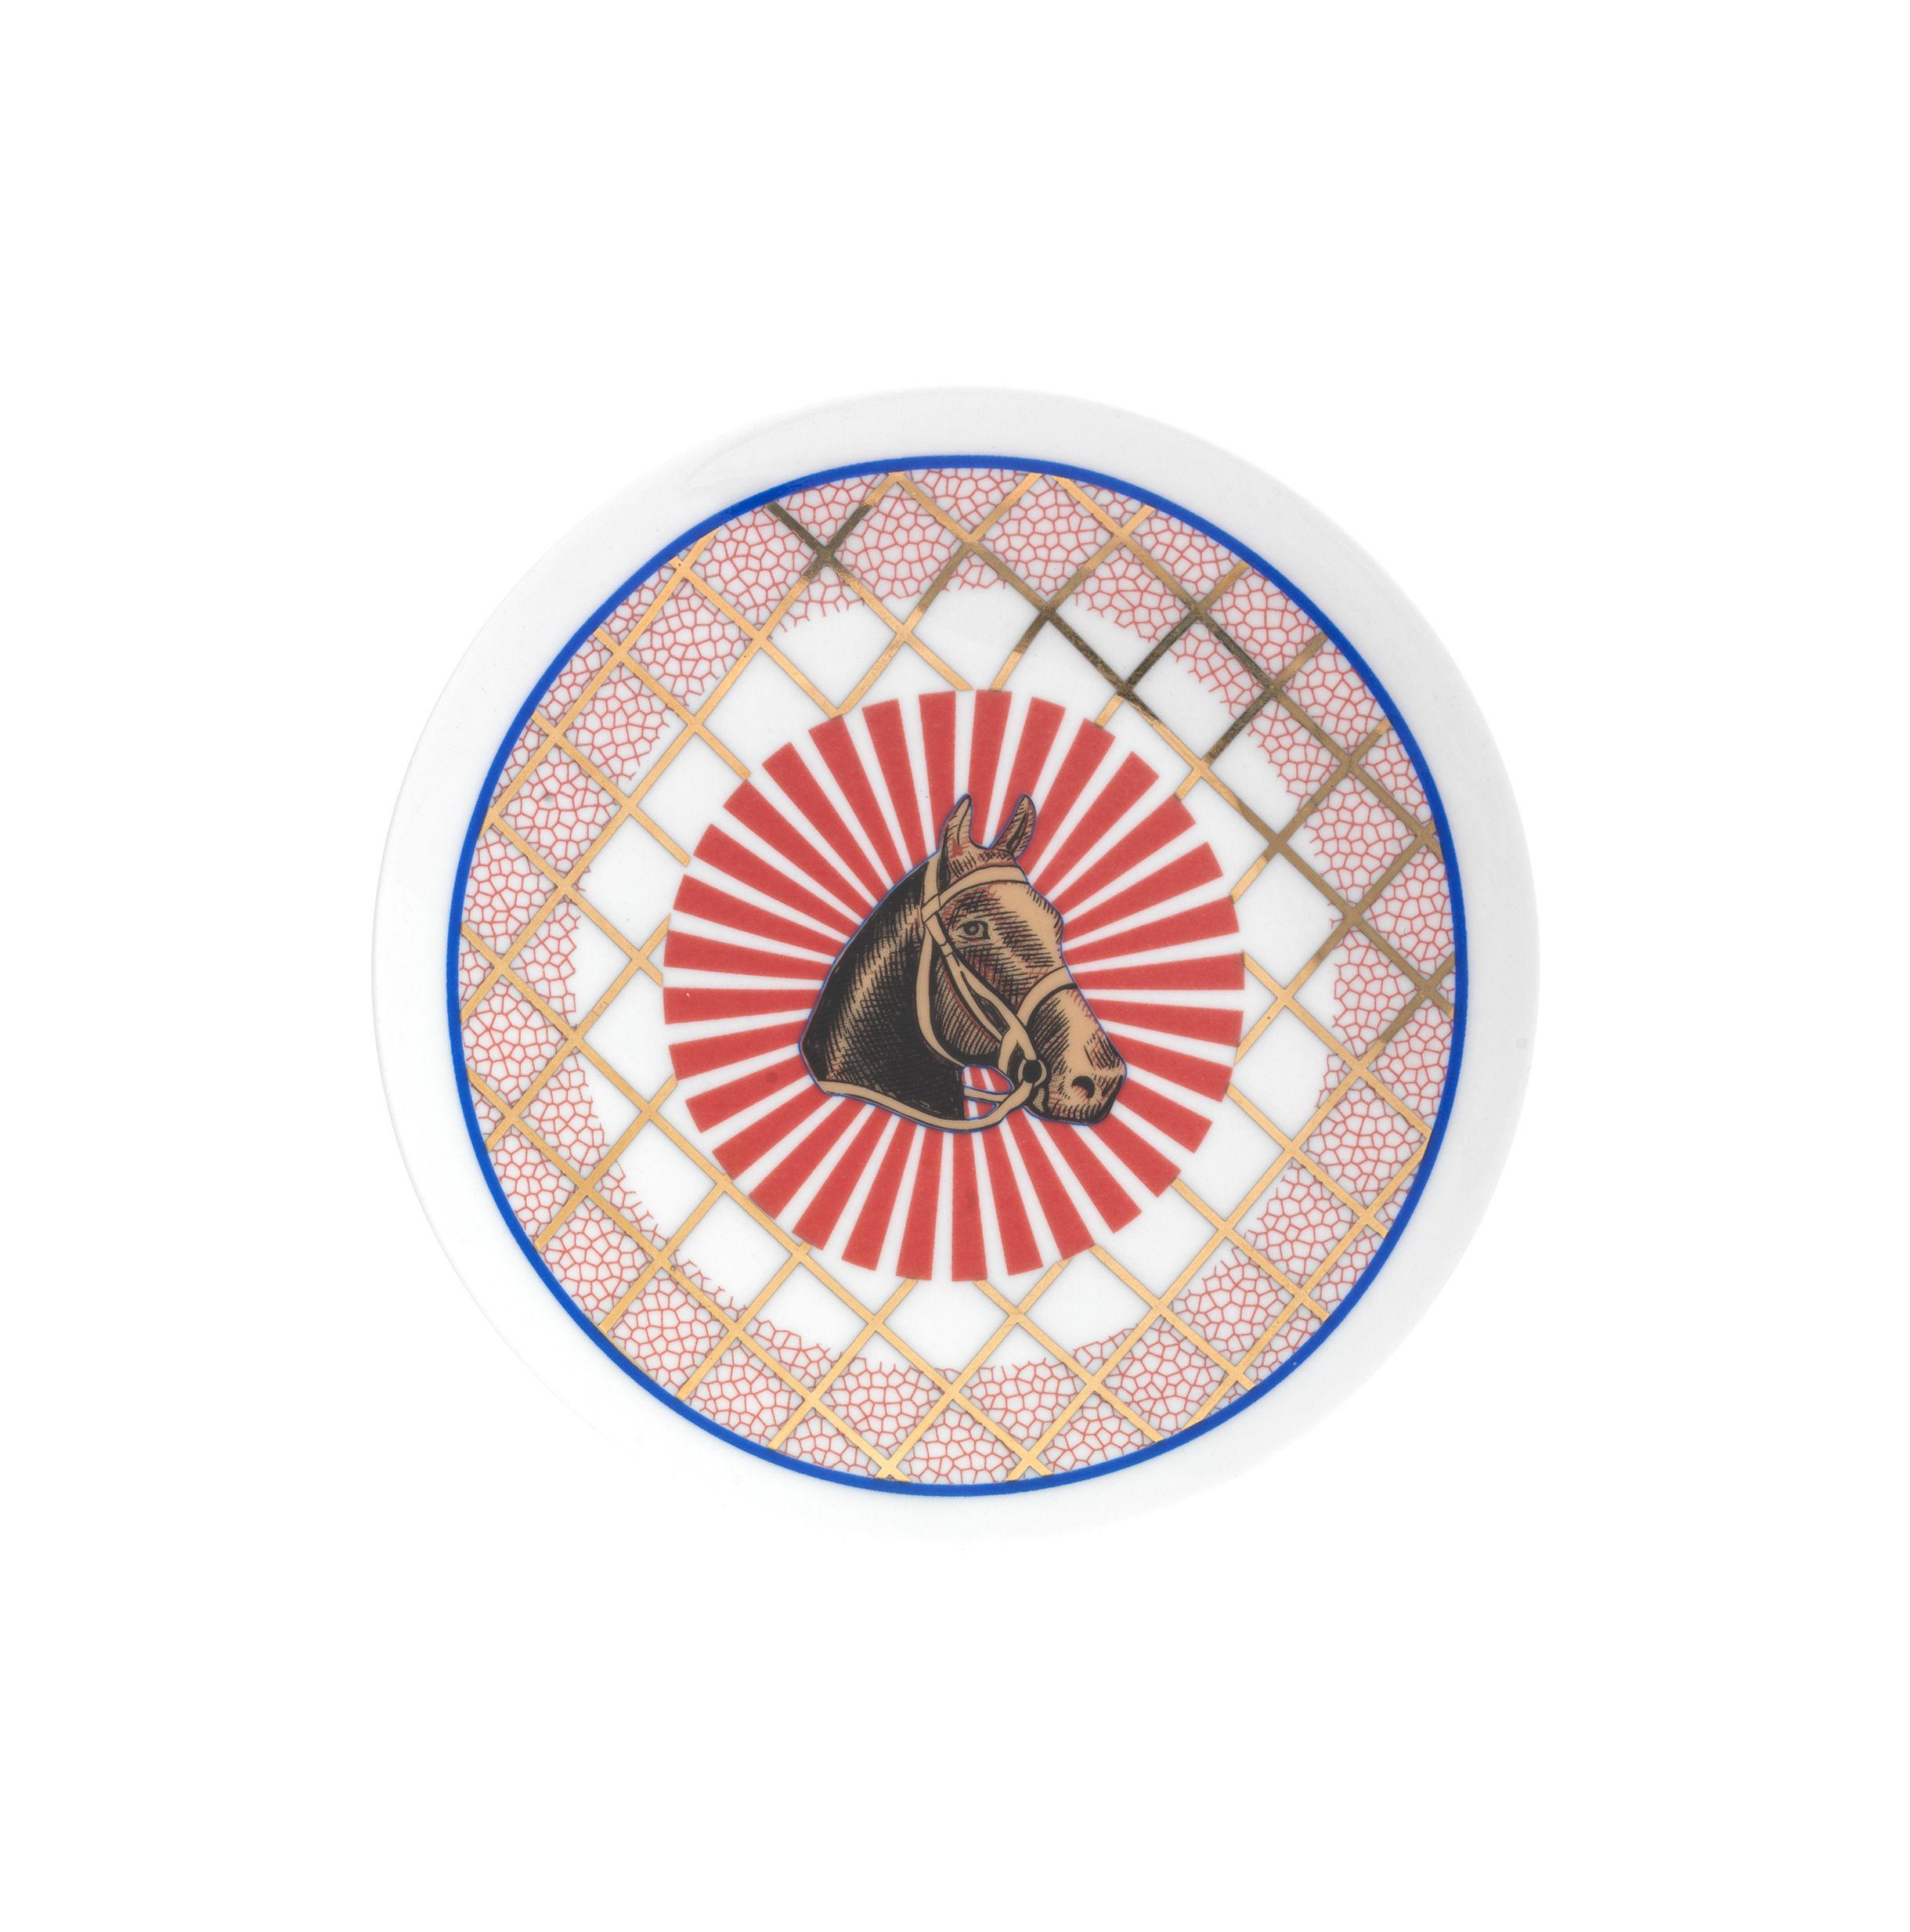 Arts de la table - Assiettes - Assiette à dessert Bel Paese - Cavallo / Ø 12 cm - Bitossi Home - Cheval - Porcelaine